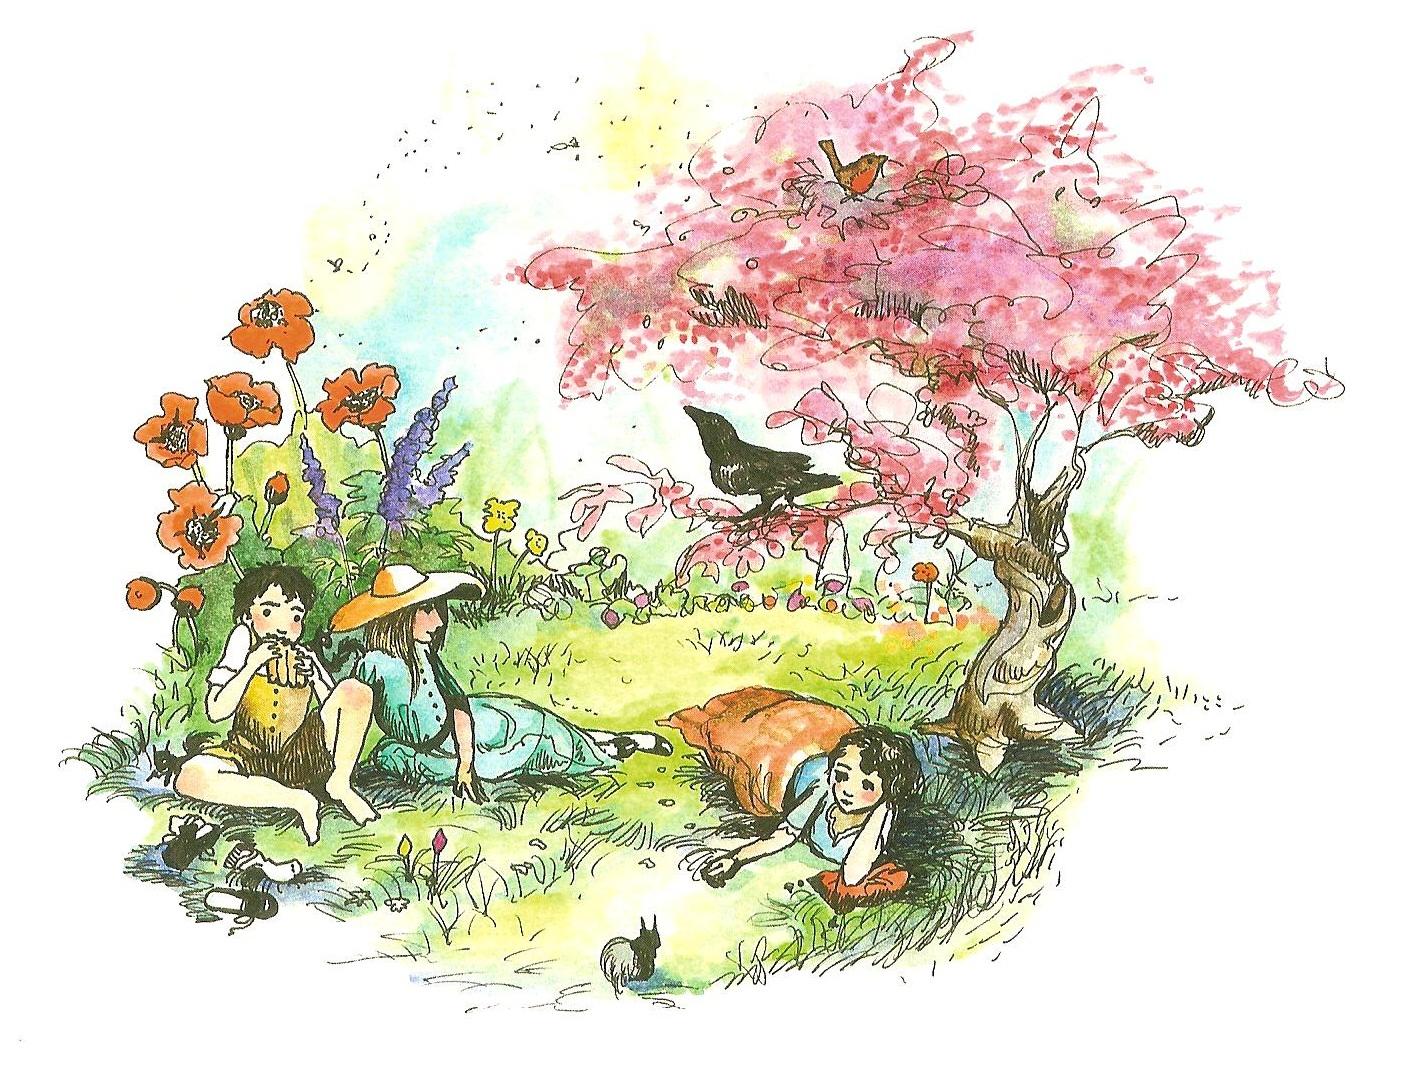 The Secret Garden Carmen Wood Illustration